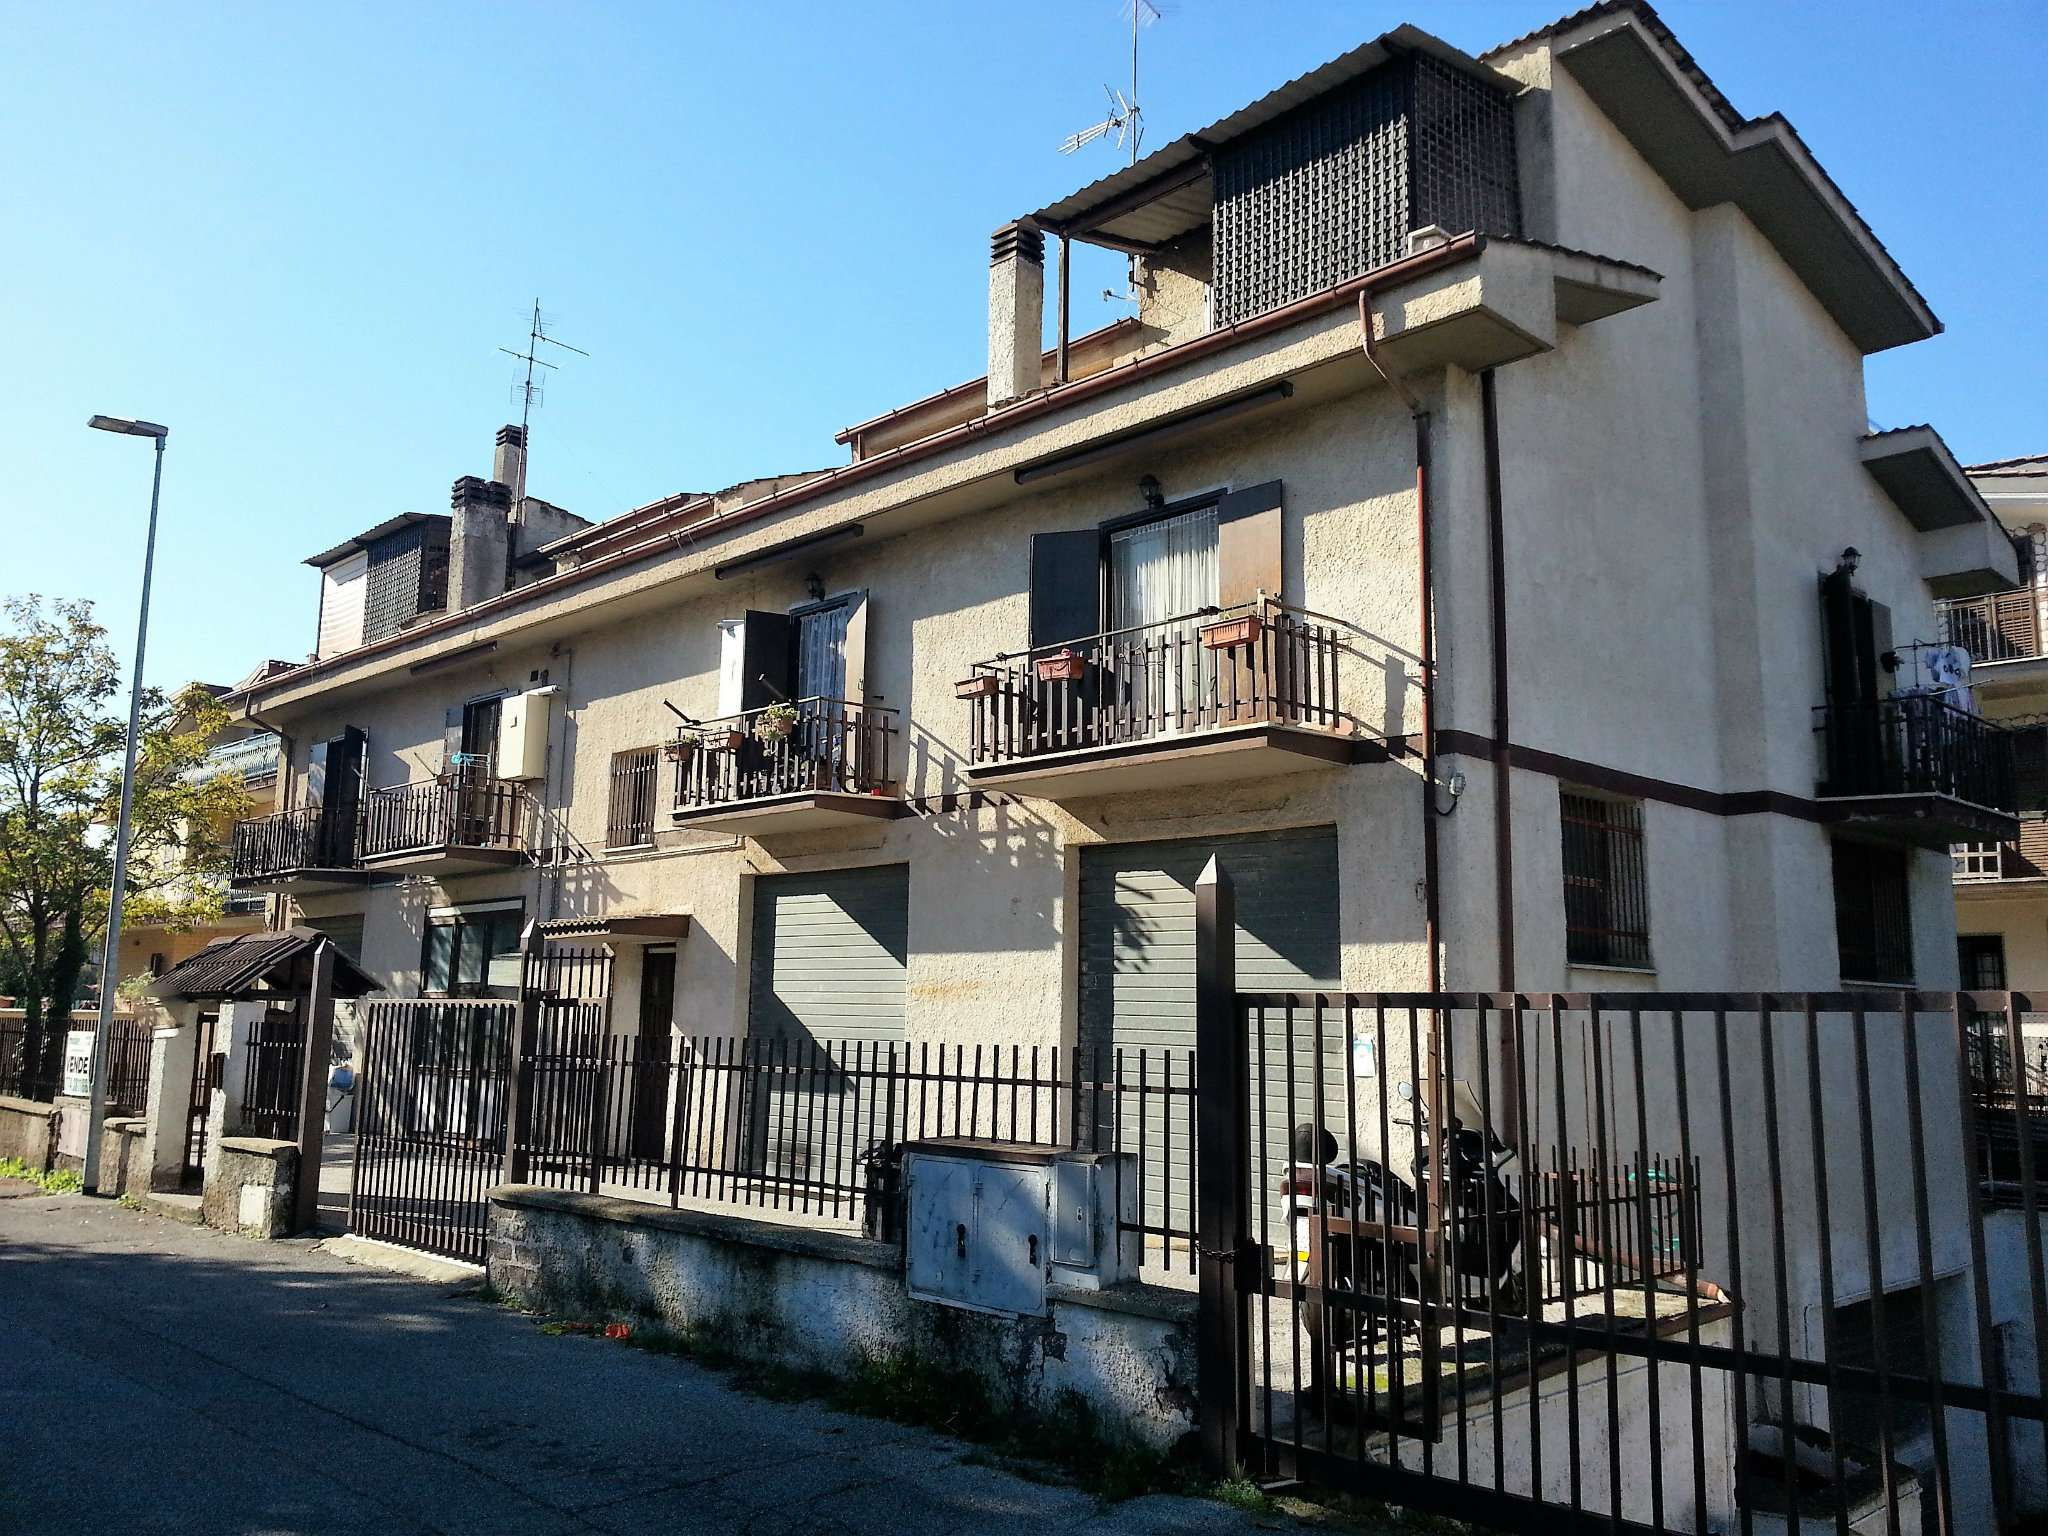 Trilocale guidonia montecelio vendita 65 mq - Agenzie immobiliari guidonia ...